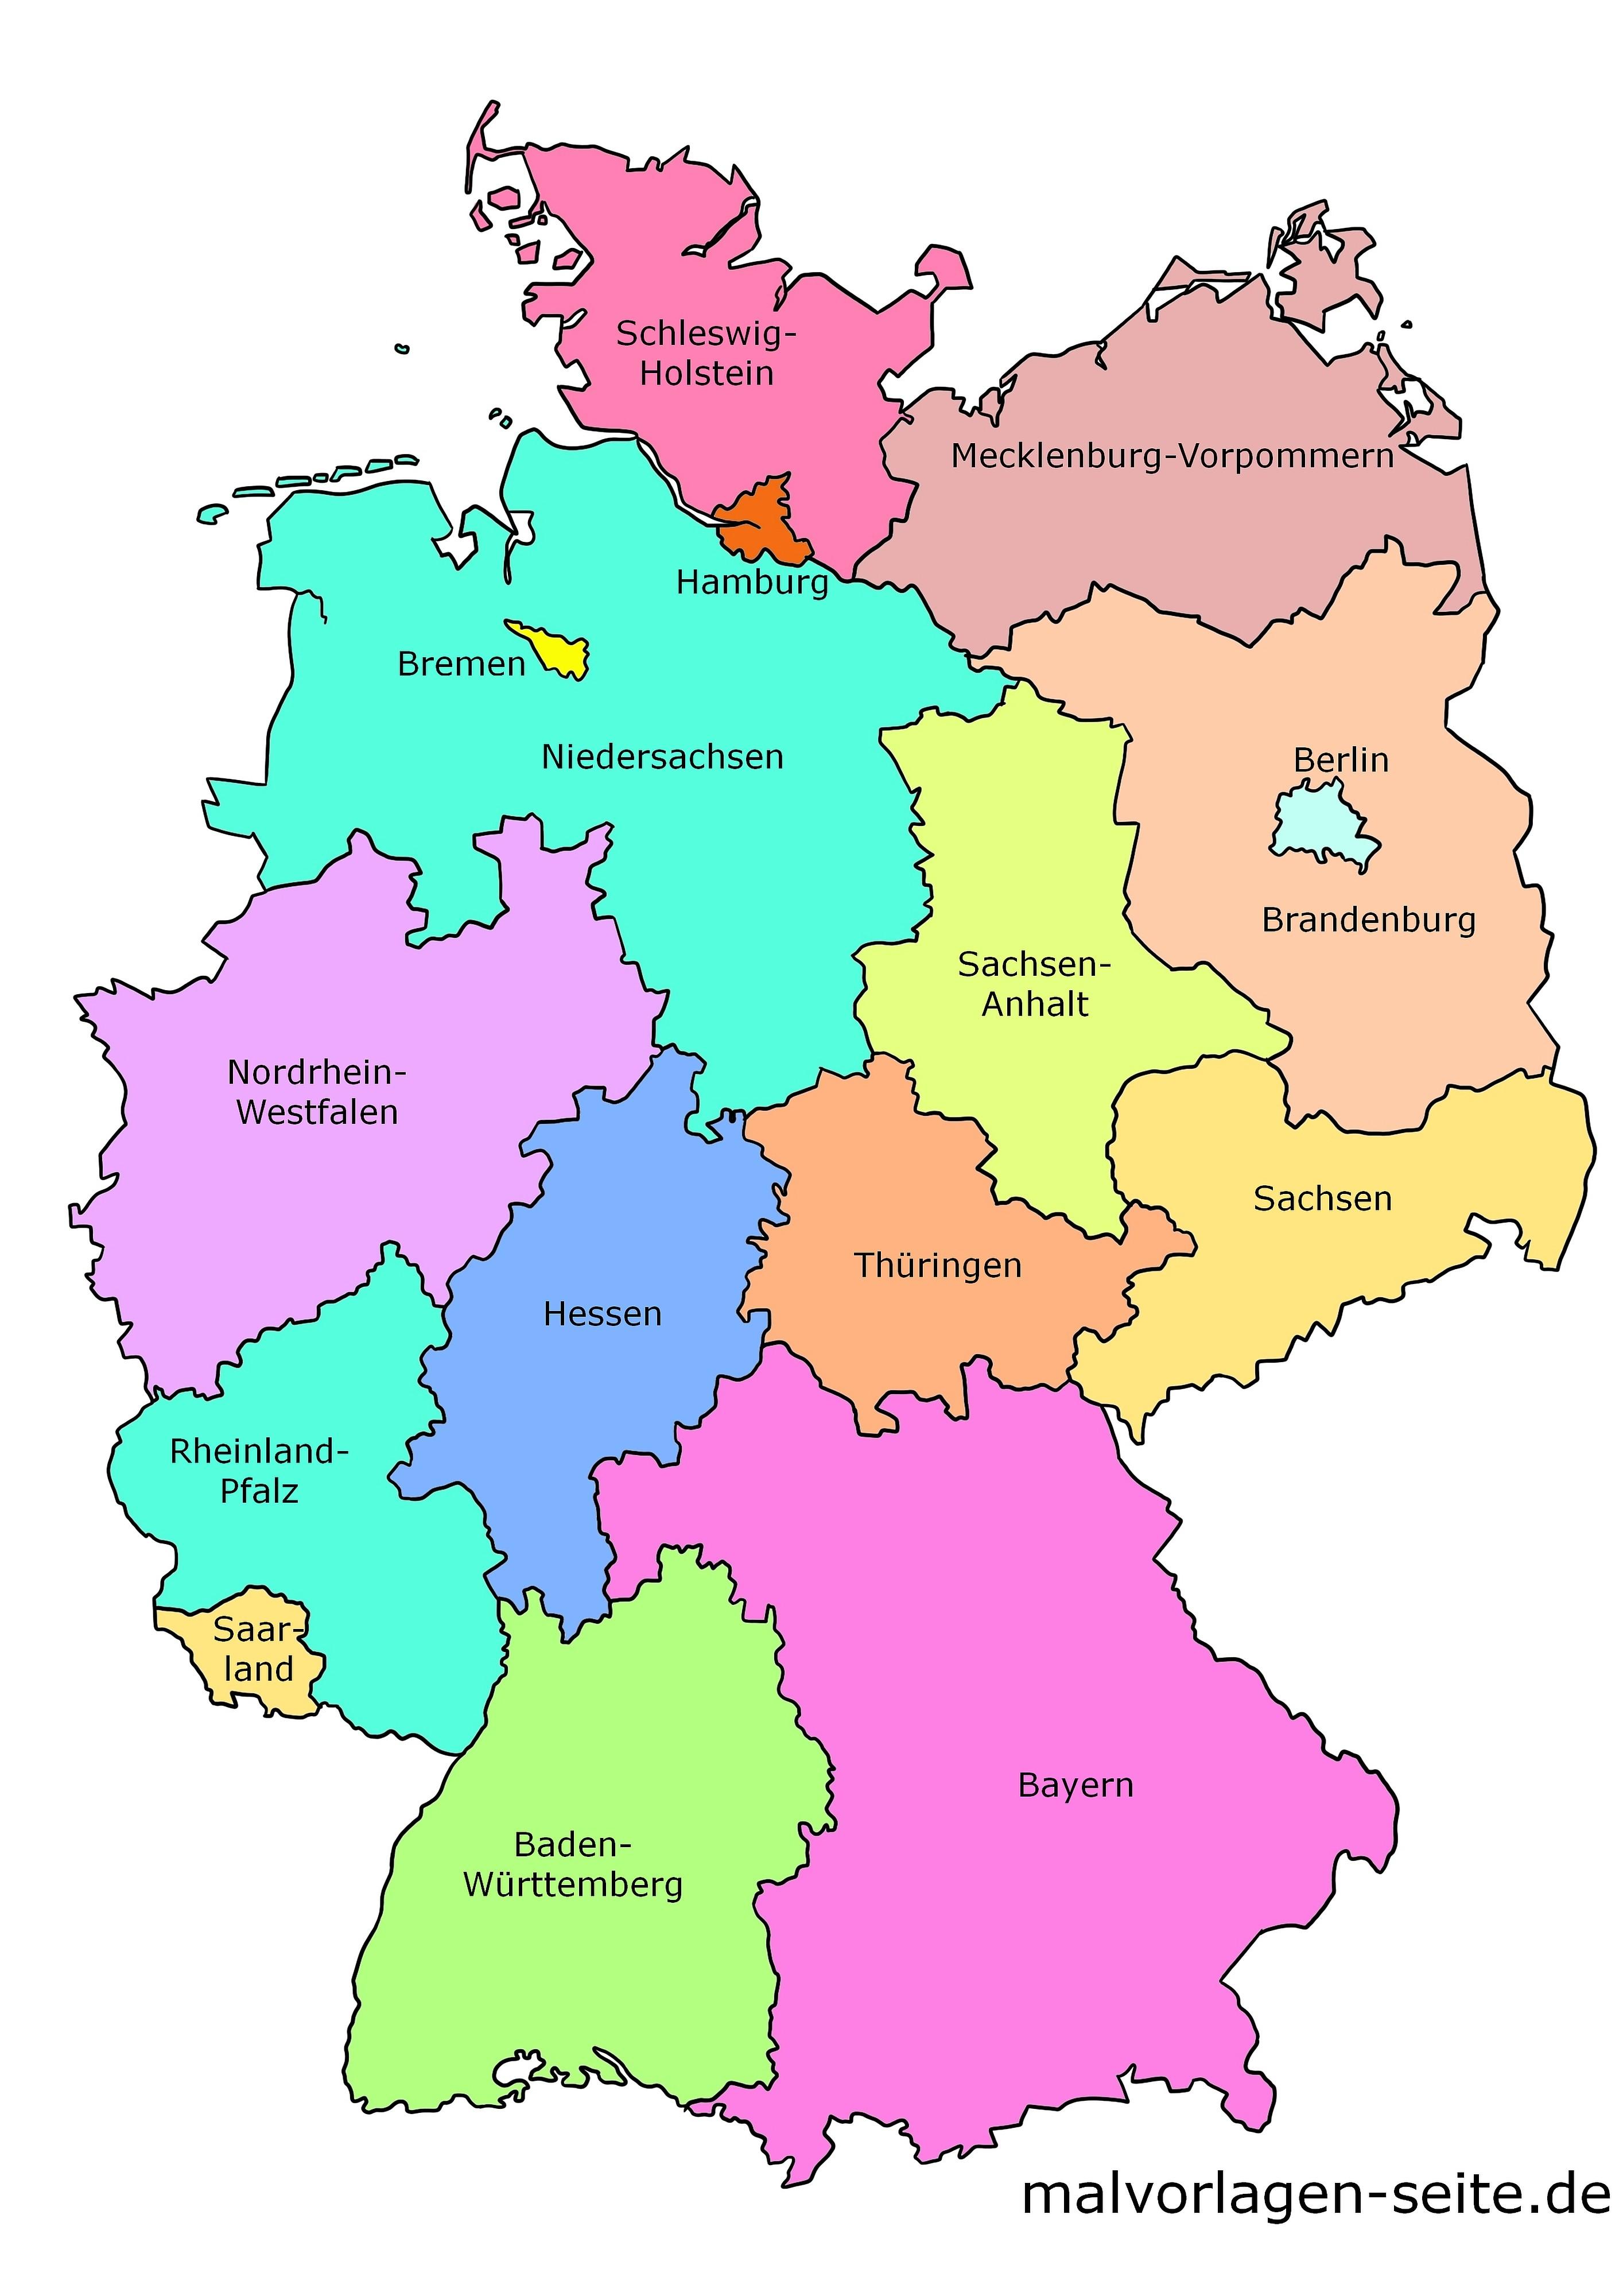 bundesländer auf der karte Wie heißen die 16 Bundesländer von Deutschland und ihre Hauptstädte